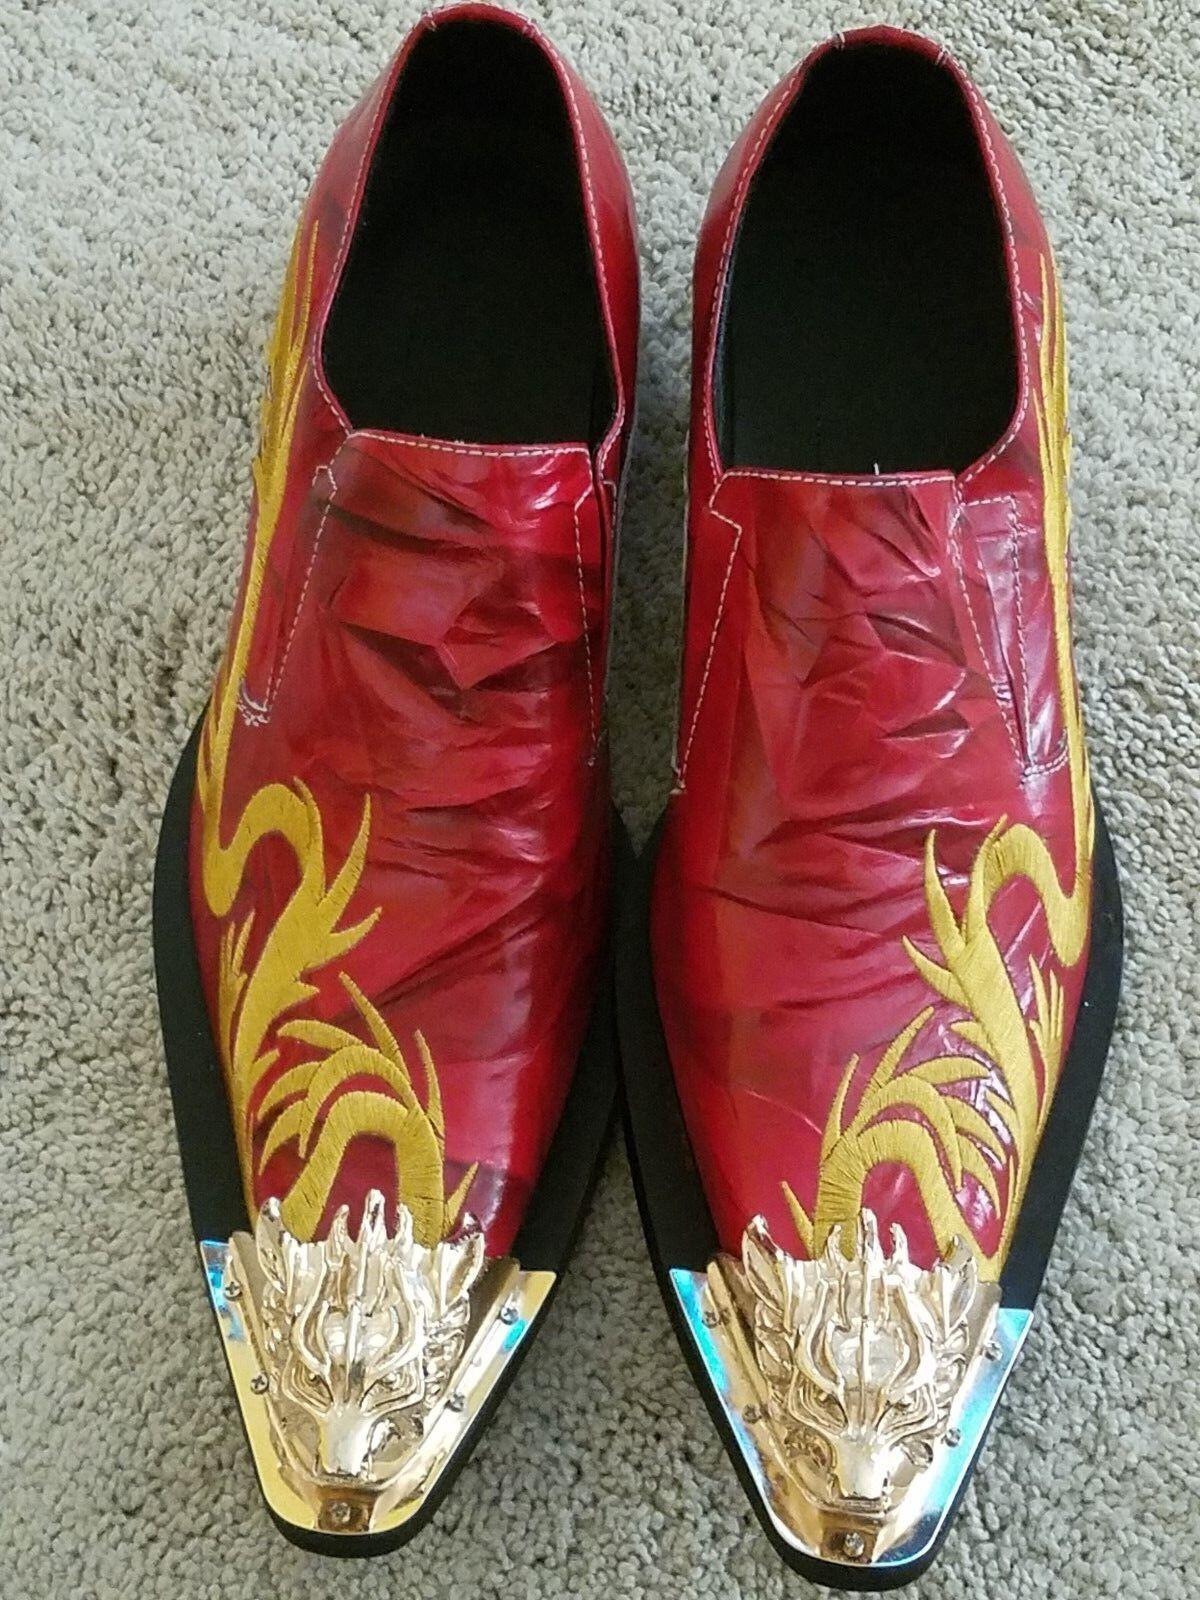 Mens Pinshang Metal Toe Leather Wing Tip Serpentine Serpentine Serpentine Dress schuhe NEW rot Größe 43 09556c